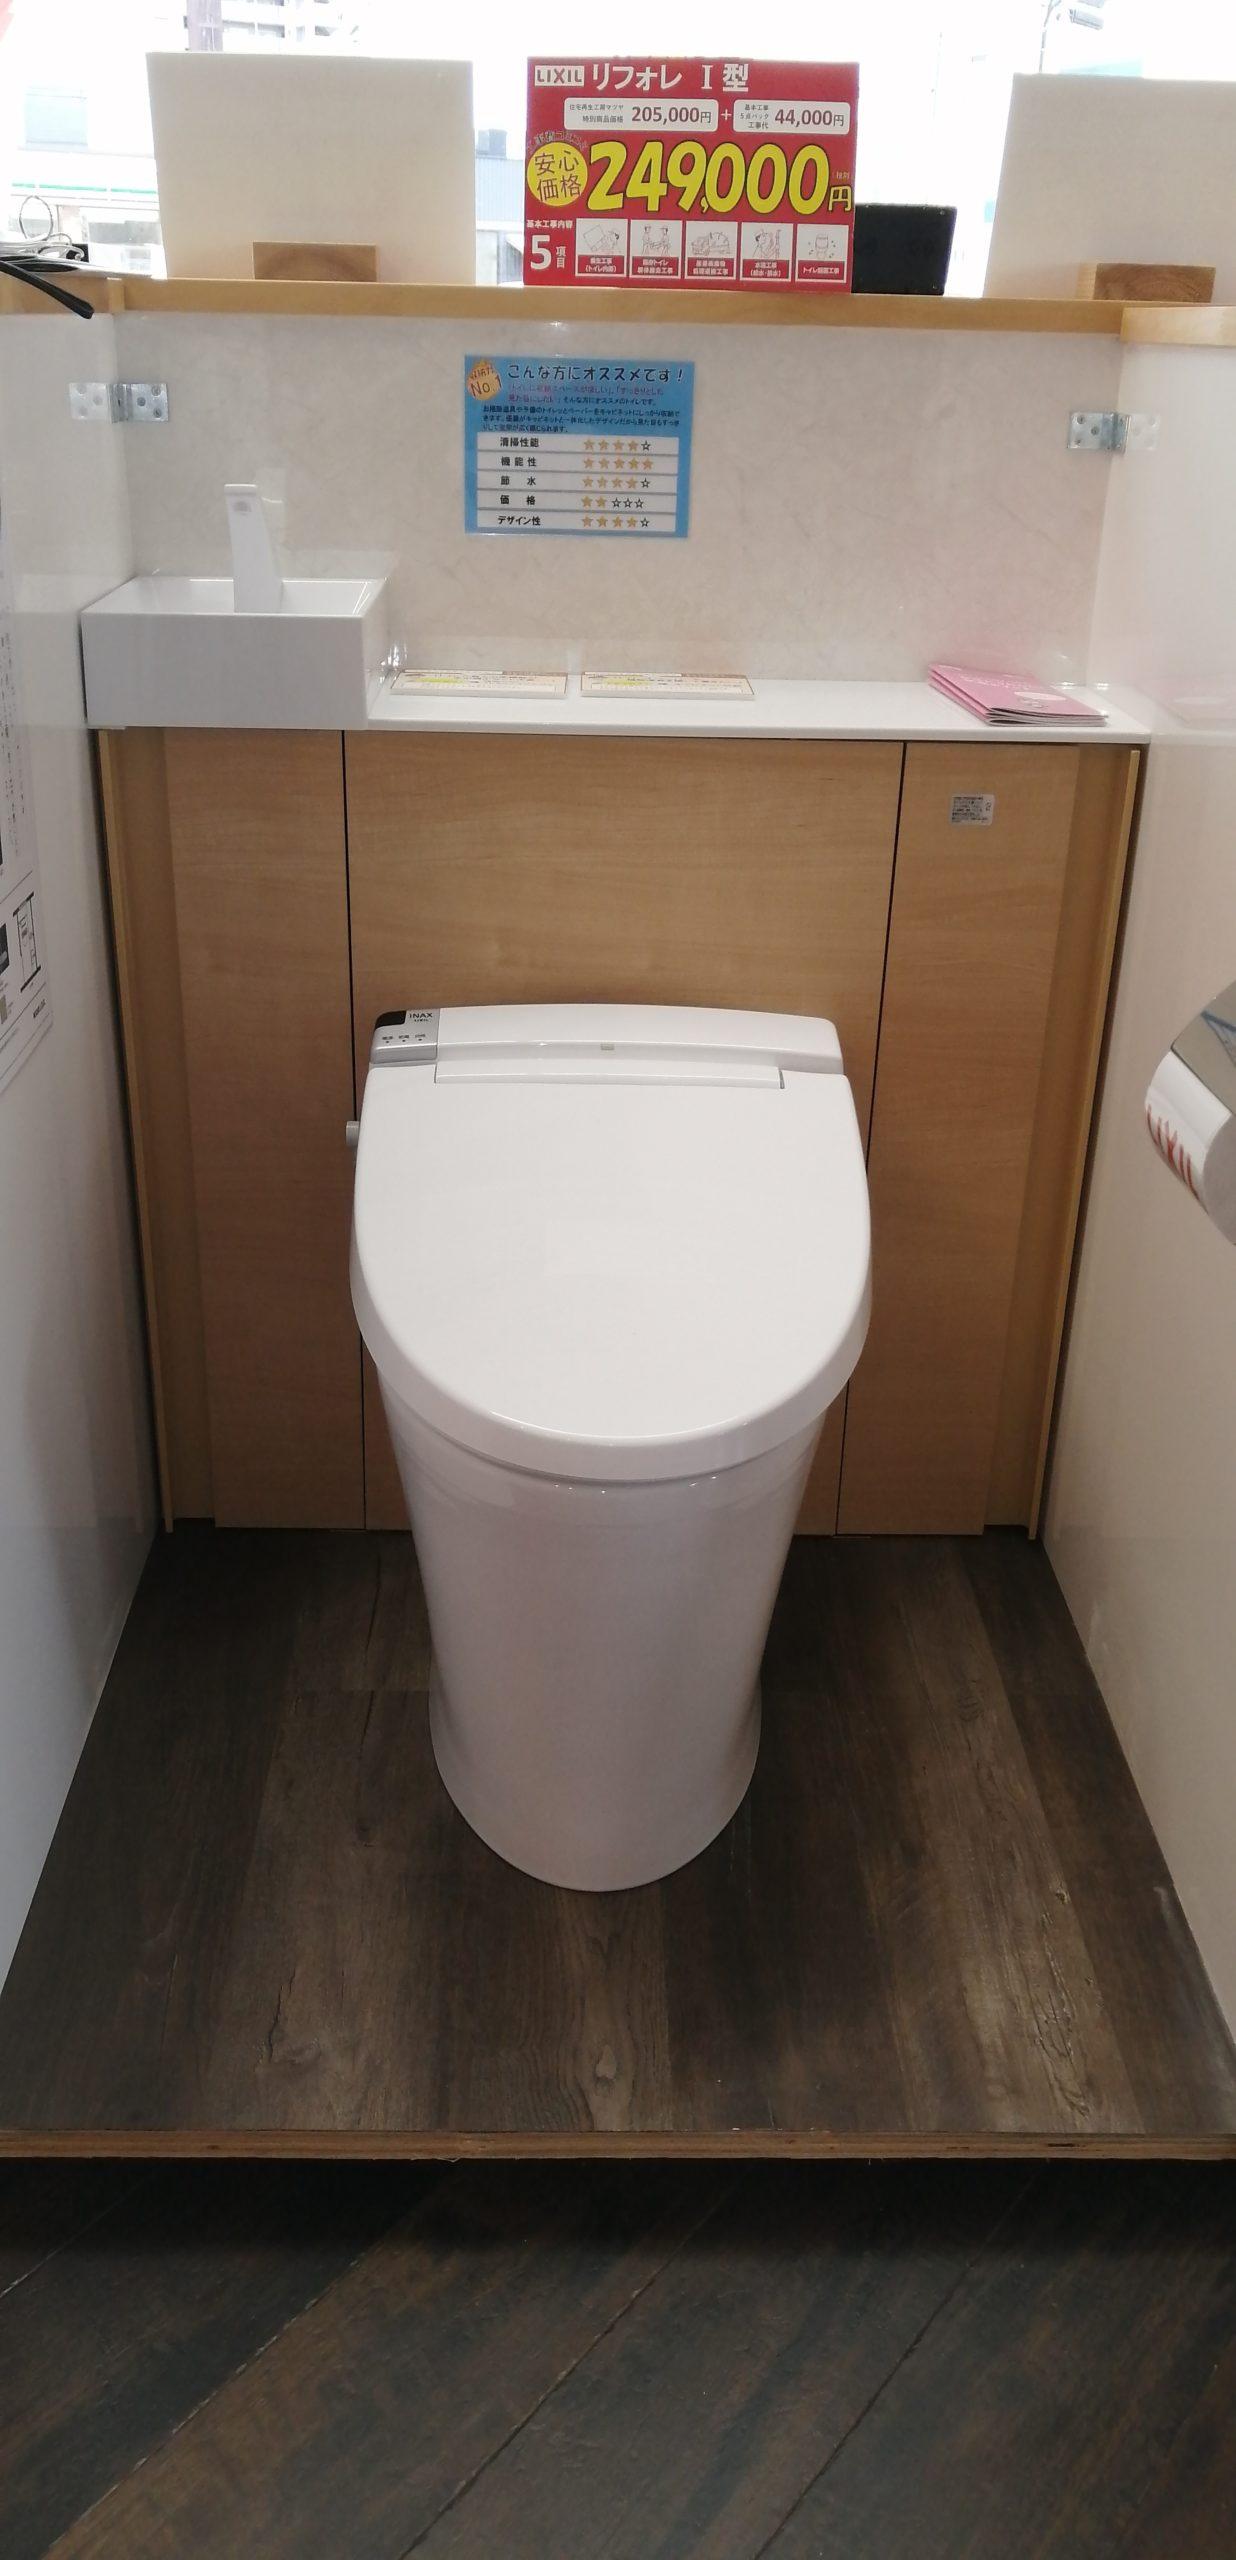 レス 停電 タンク トイレ